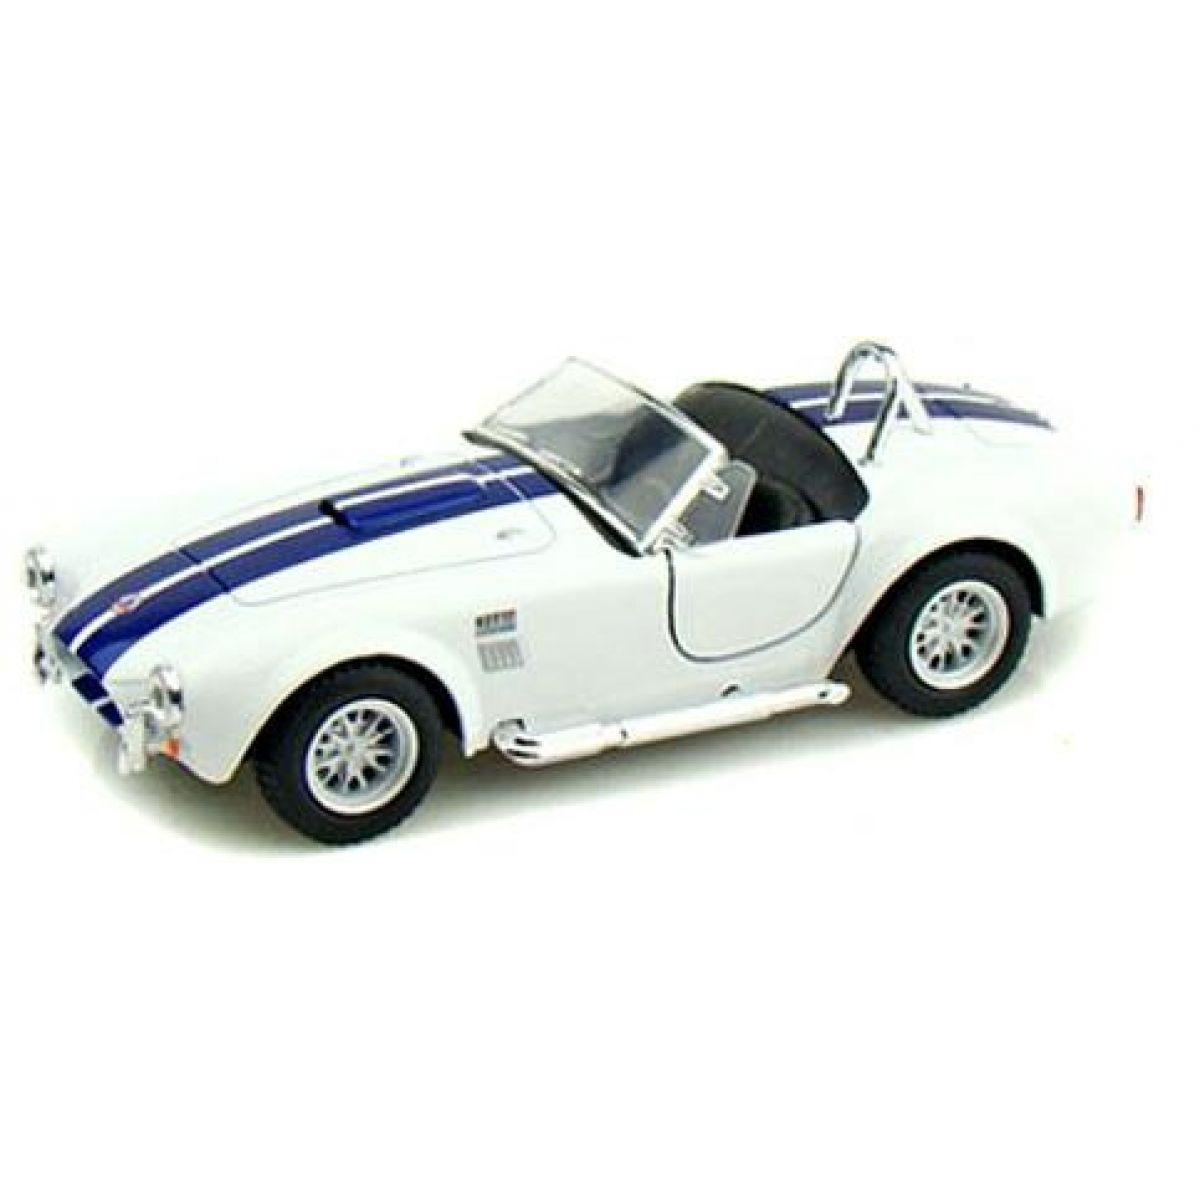 Kinsmart Auto Shelby Cobra 1965 na zpětné natažení 13cm - Bílá